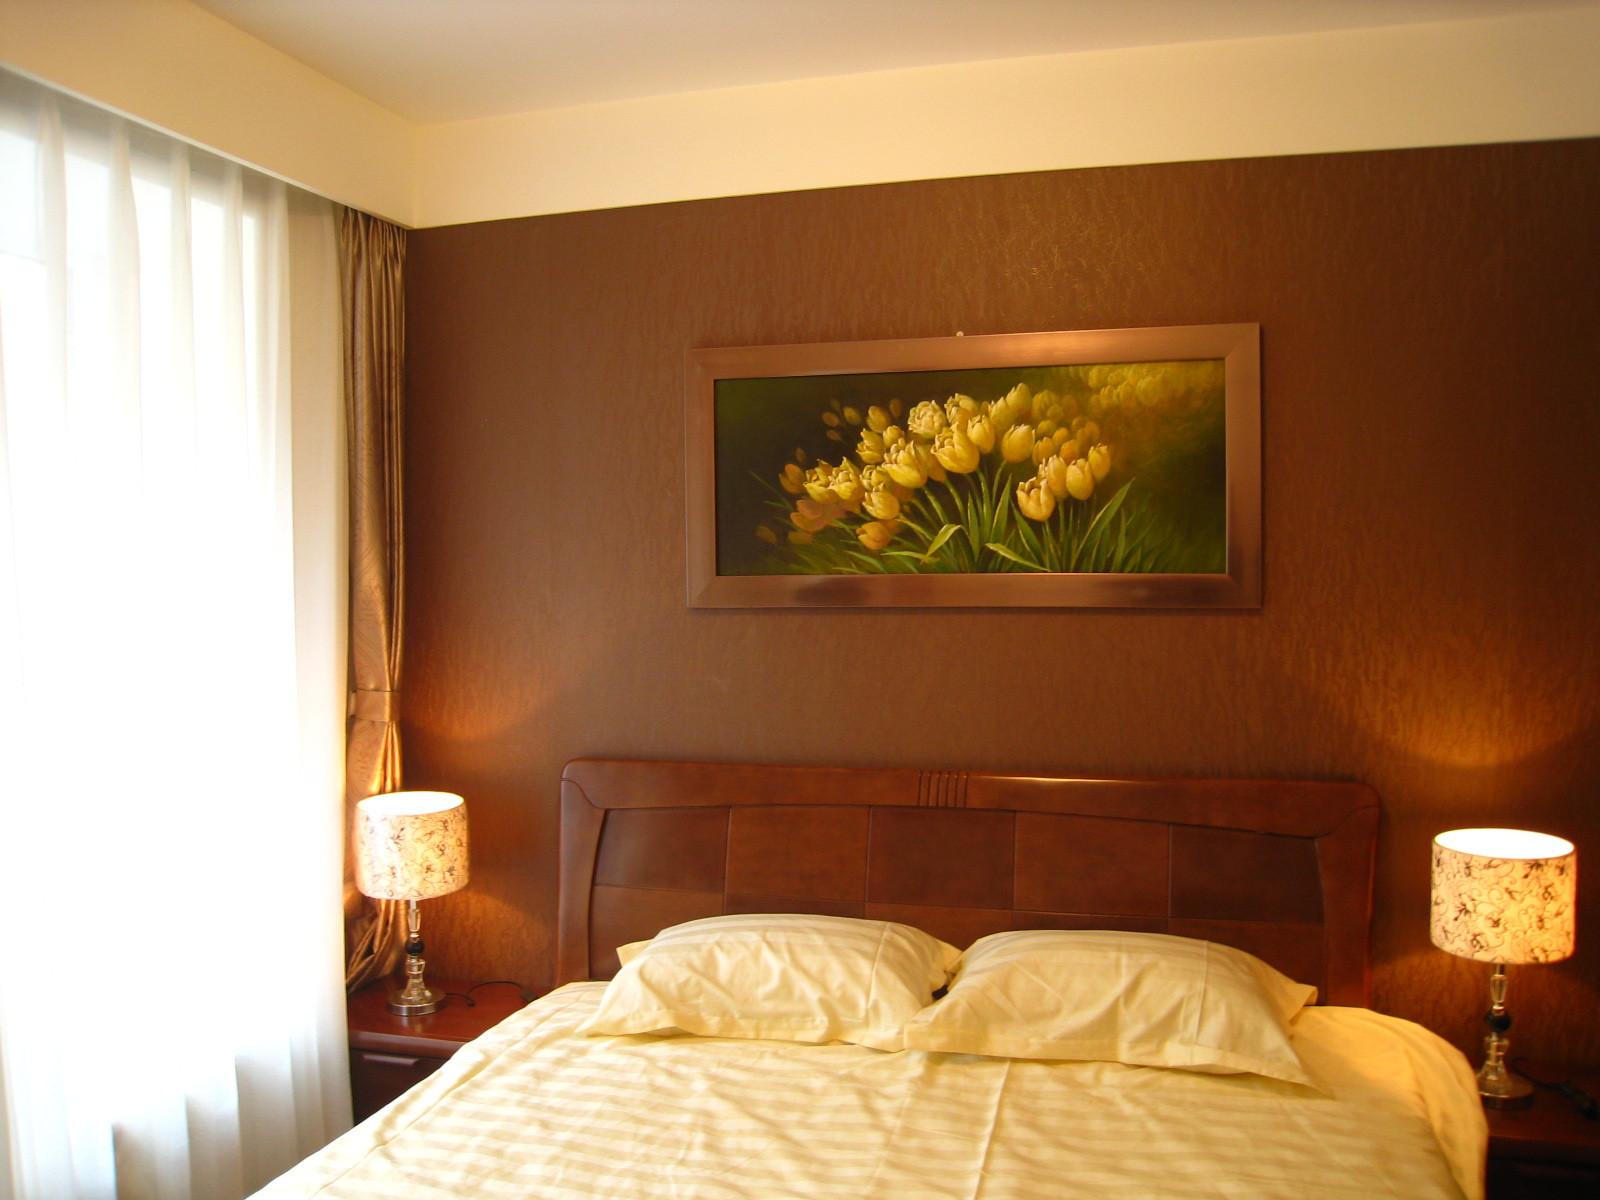 小户型现代简约装修卧室背景墙图片